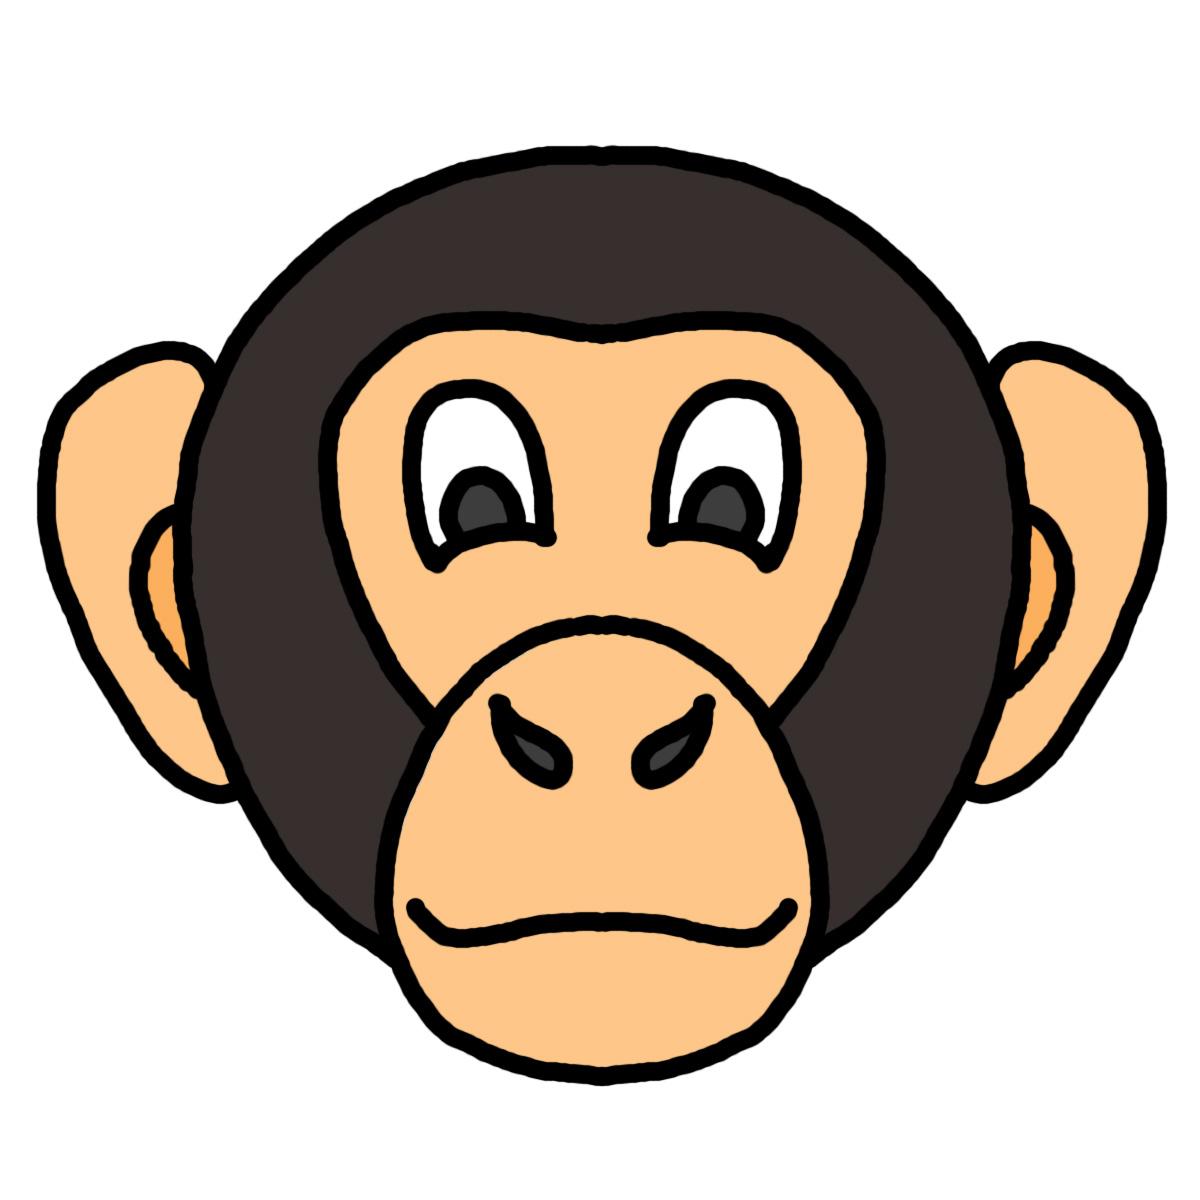 1200x1200 Monkey Face Clip Art Clipartfest 2